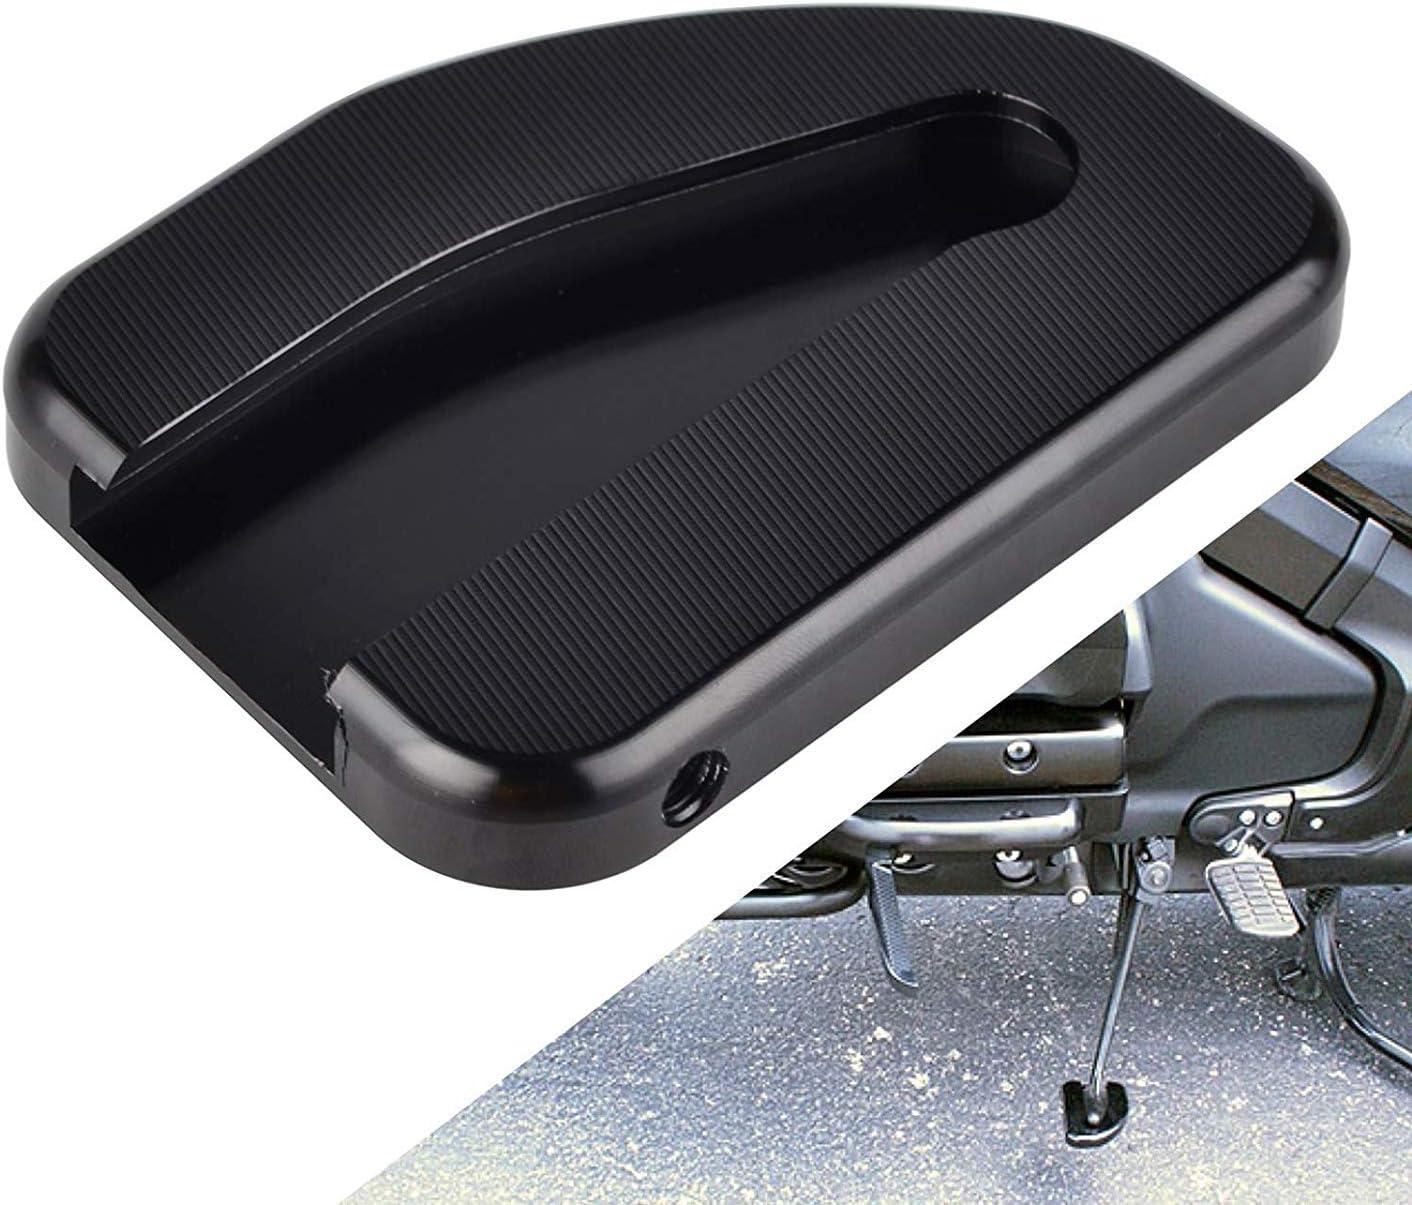 Basage Support la t/éRal de Plaque de Support de B/éQuille de Moto /éLargissant la Base pour Goldwing 1800 Gl1800 2010-2018 Accessoires de Moto Noir